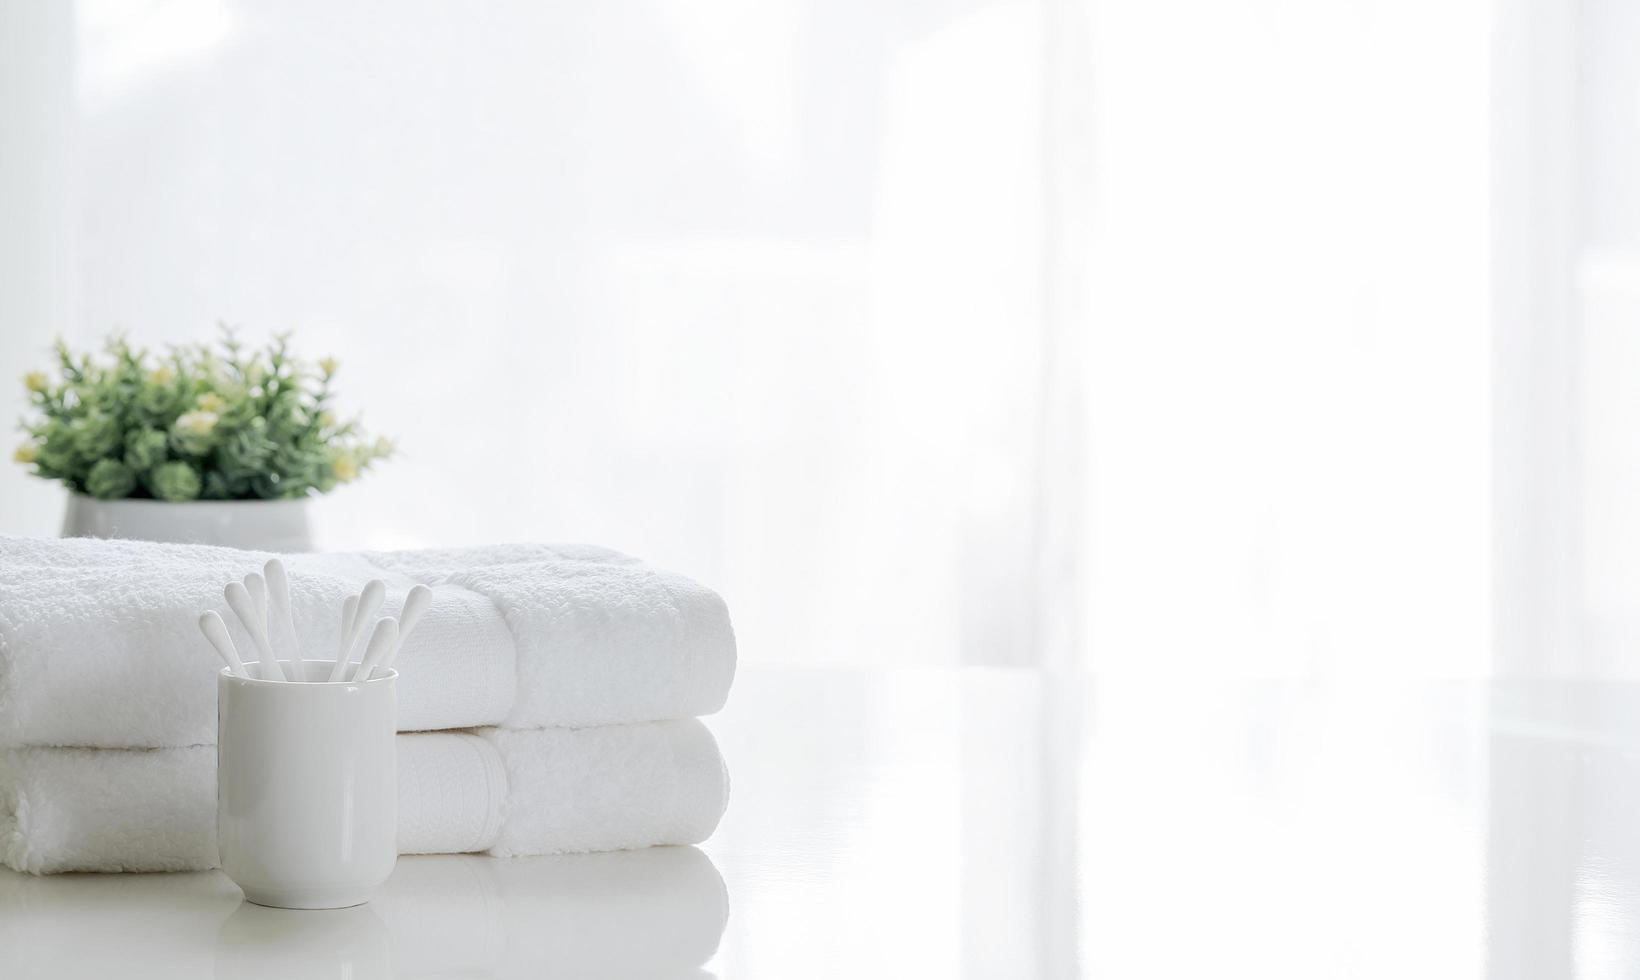 asciugamani bianchi su un tavolo con una pianta foto